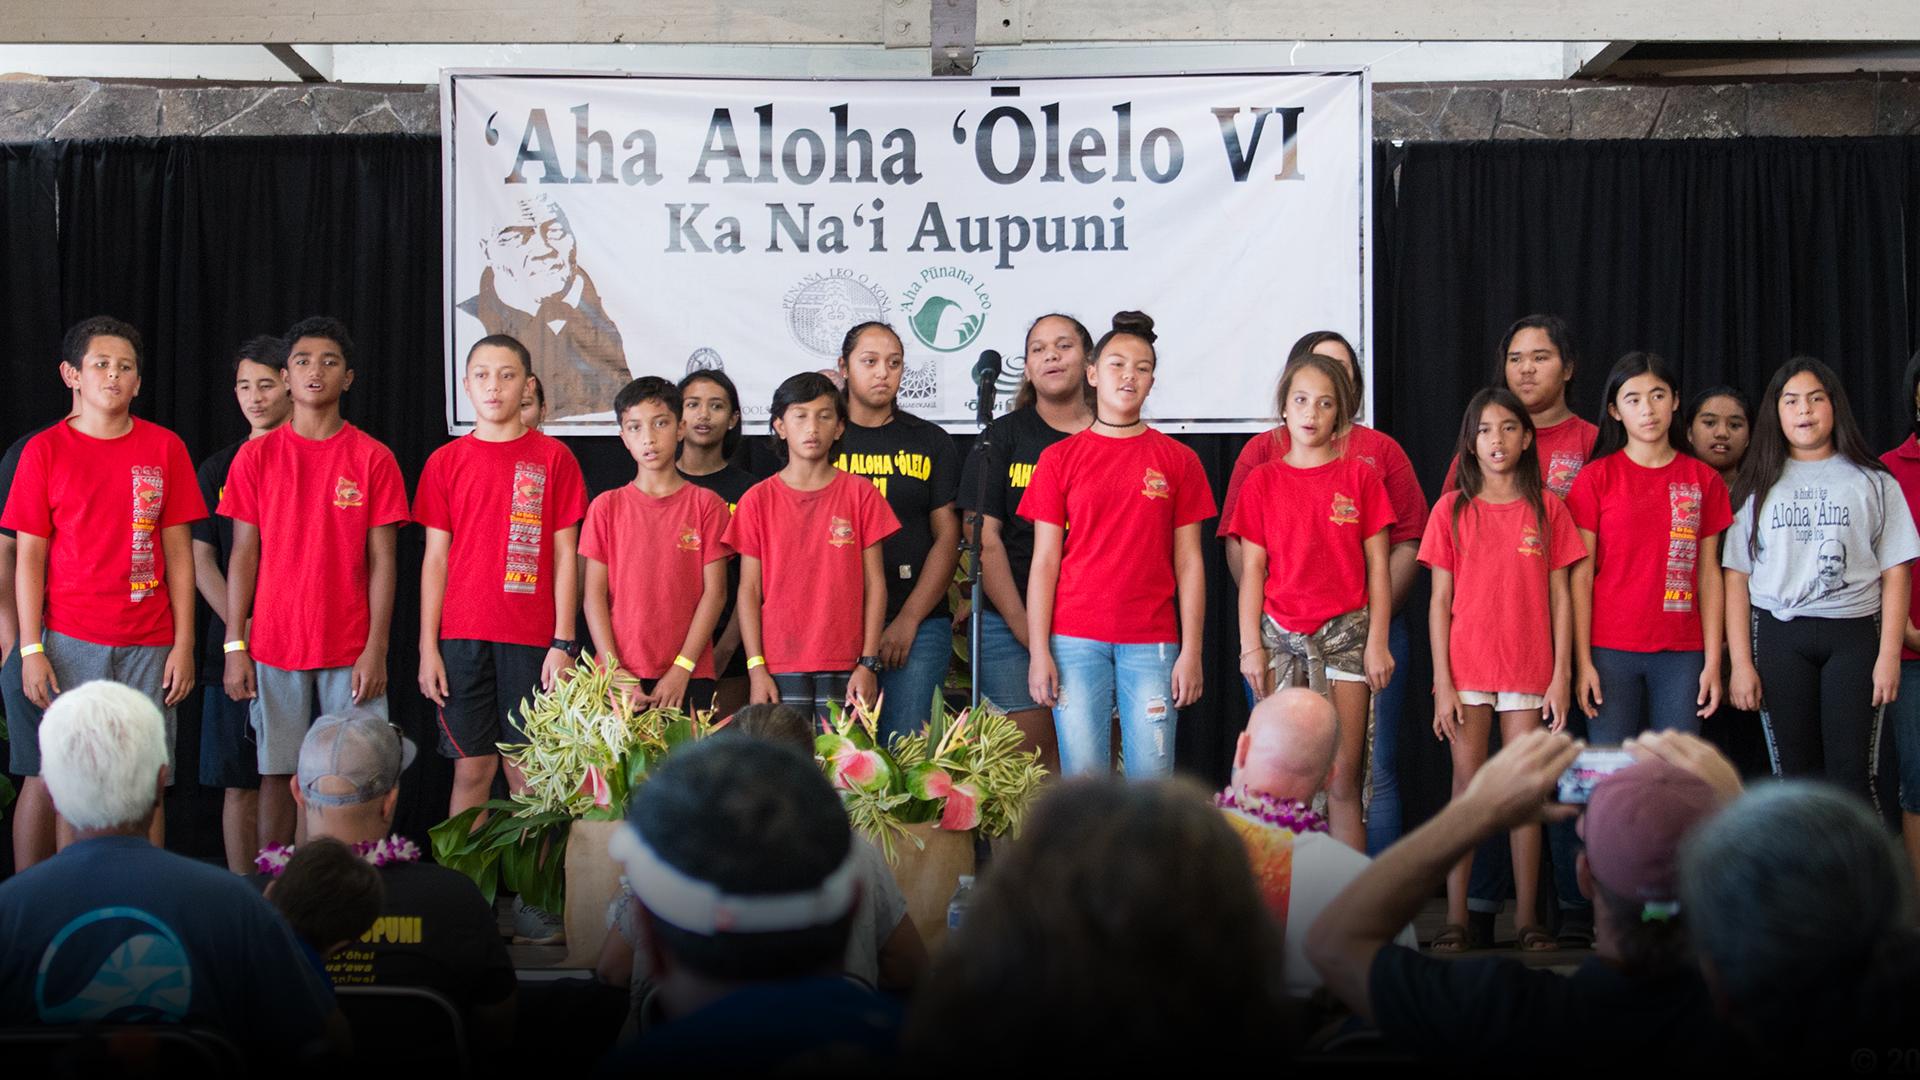 Aha Aloha Olelo_News PKG_Slide